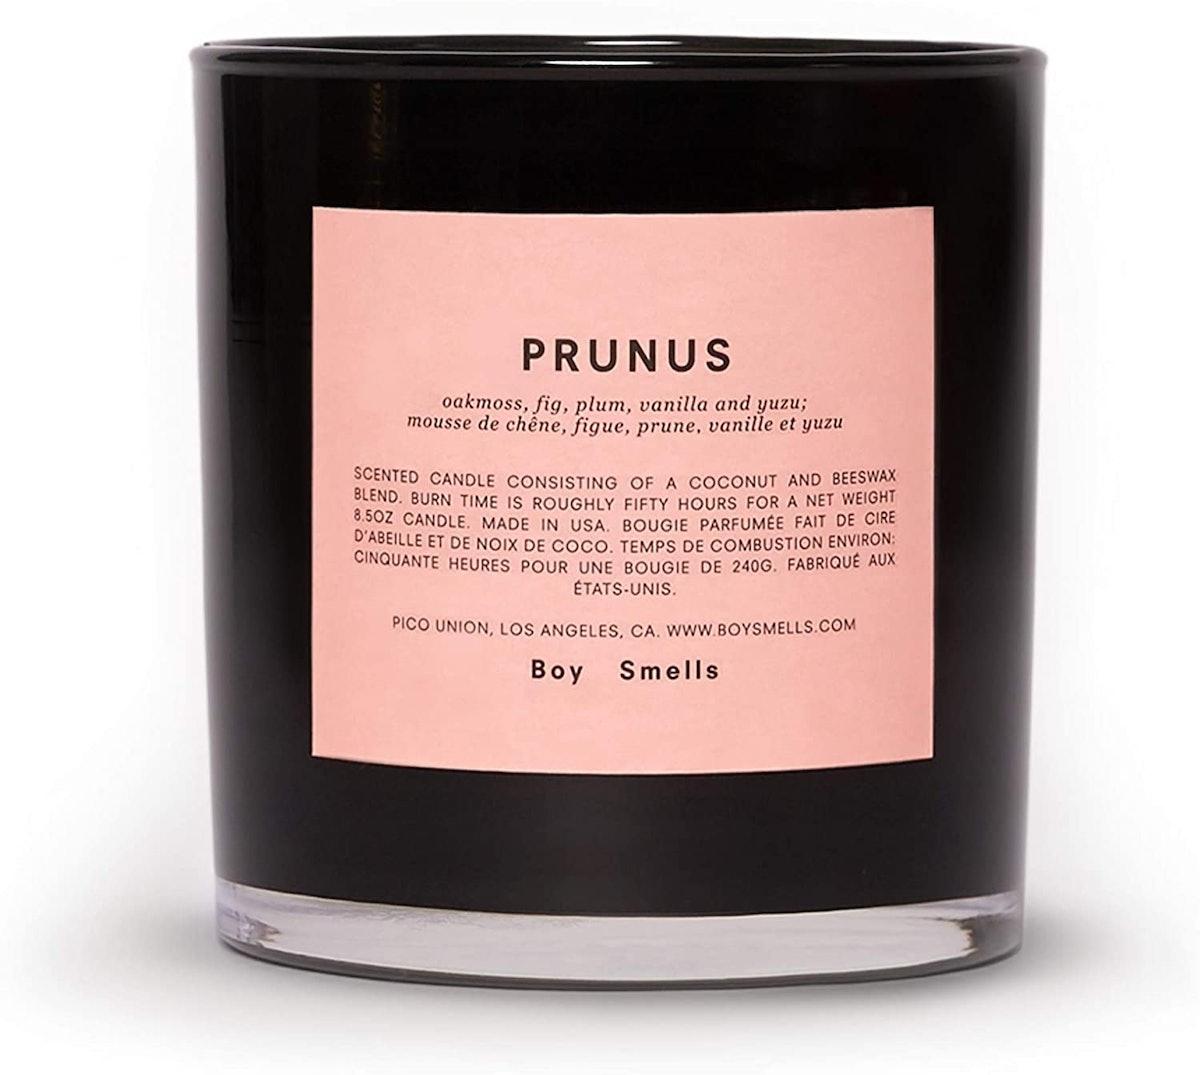 Boy Smells Prunus Candle, 8.5 Oz.